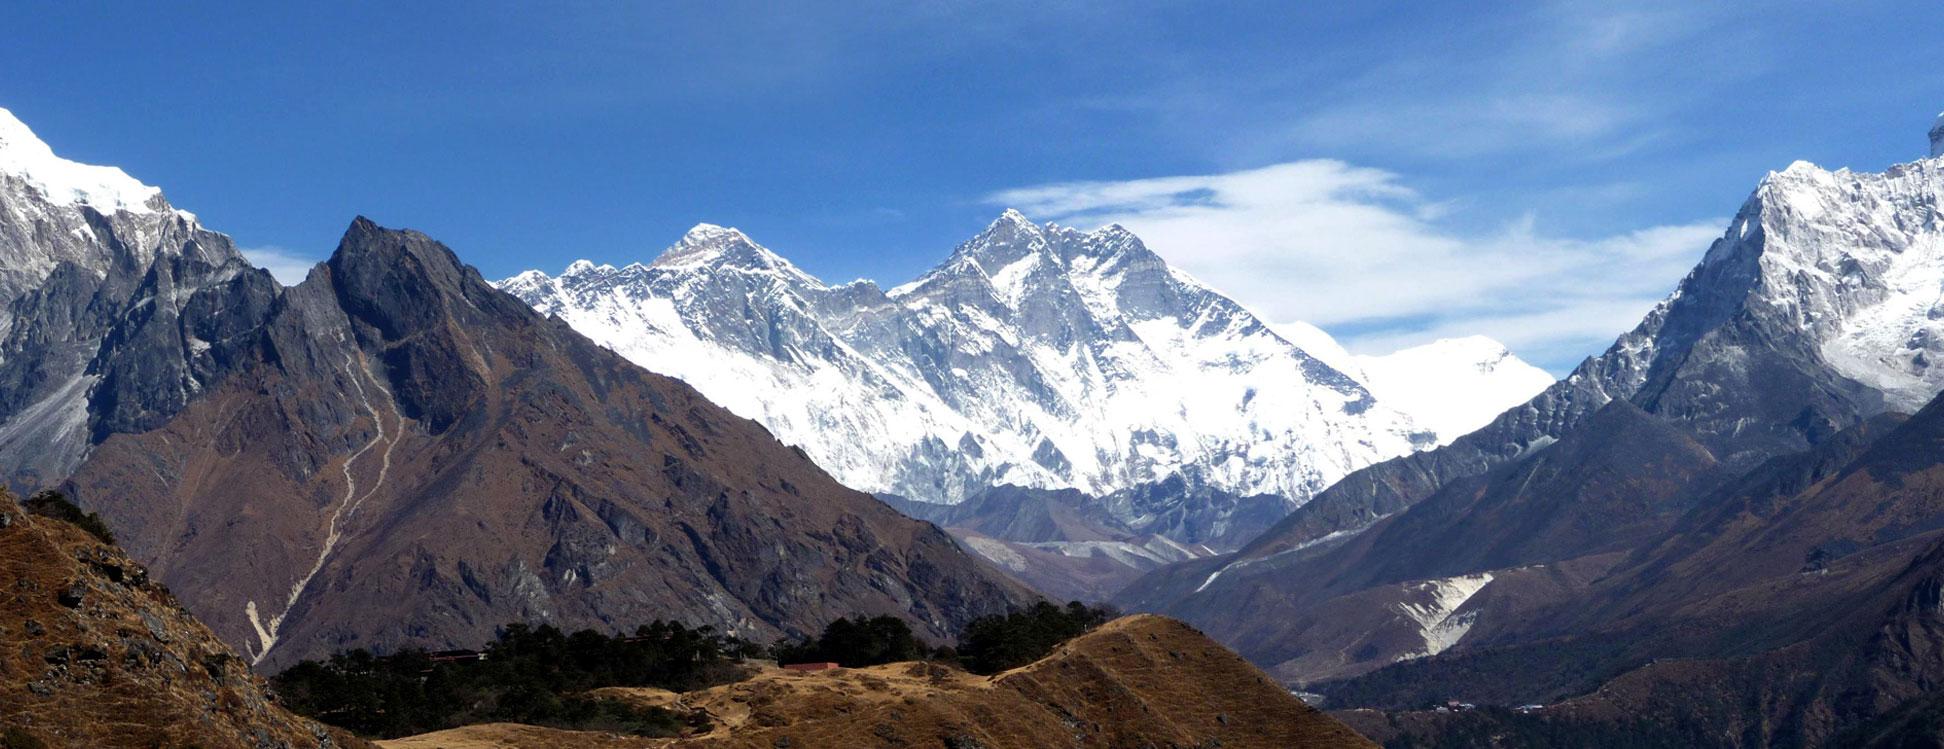 Everest Base Camp Trek from Phaplu